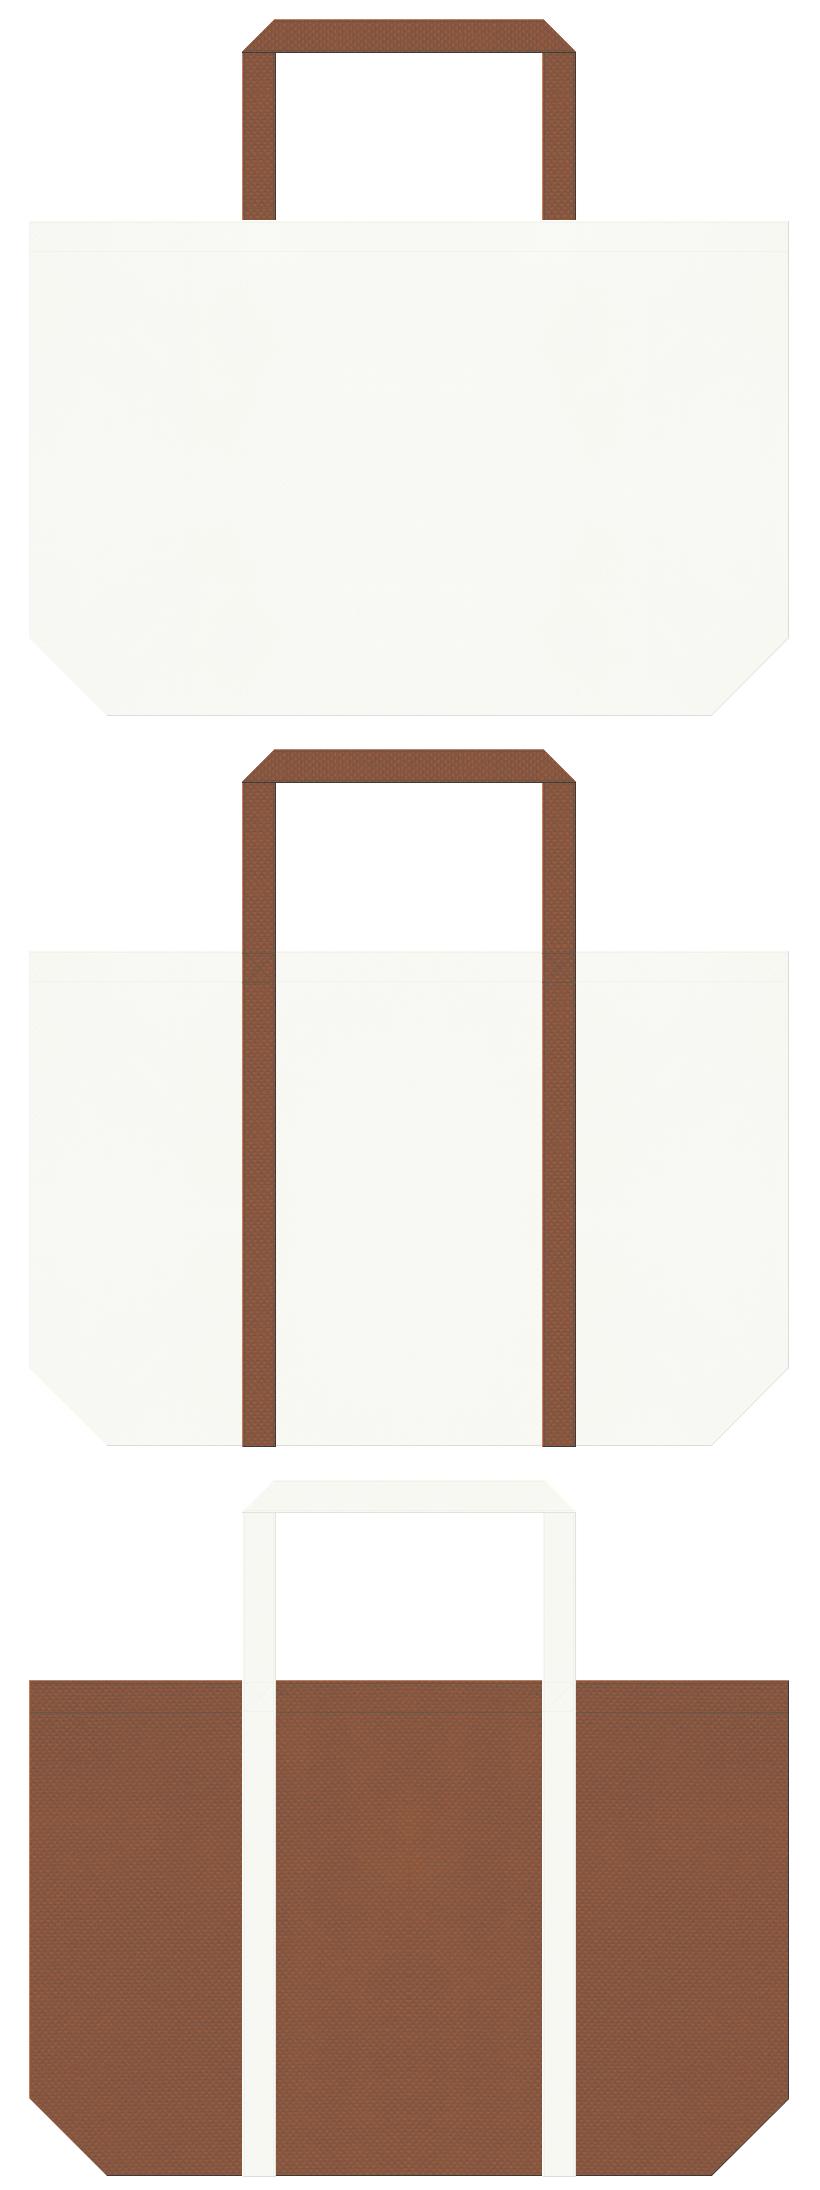 オフホワイト色と茶色の不織布ショッピングバッグのデザイン。スイーツ・ケーキ・ベーカリーのショッピングバッグにお奨めです。